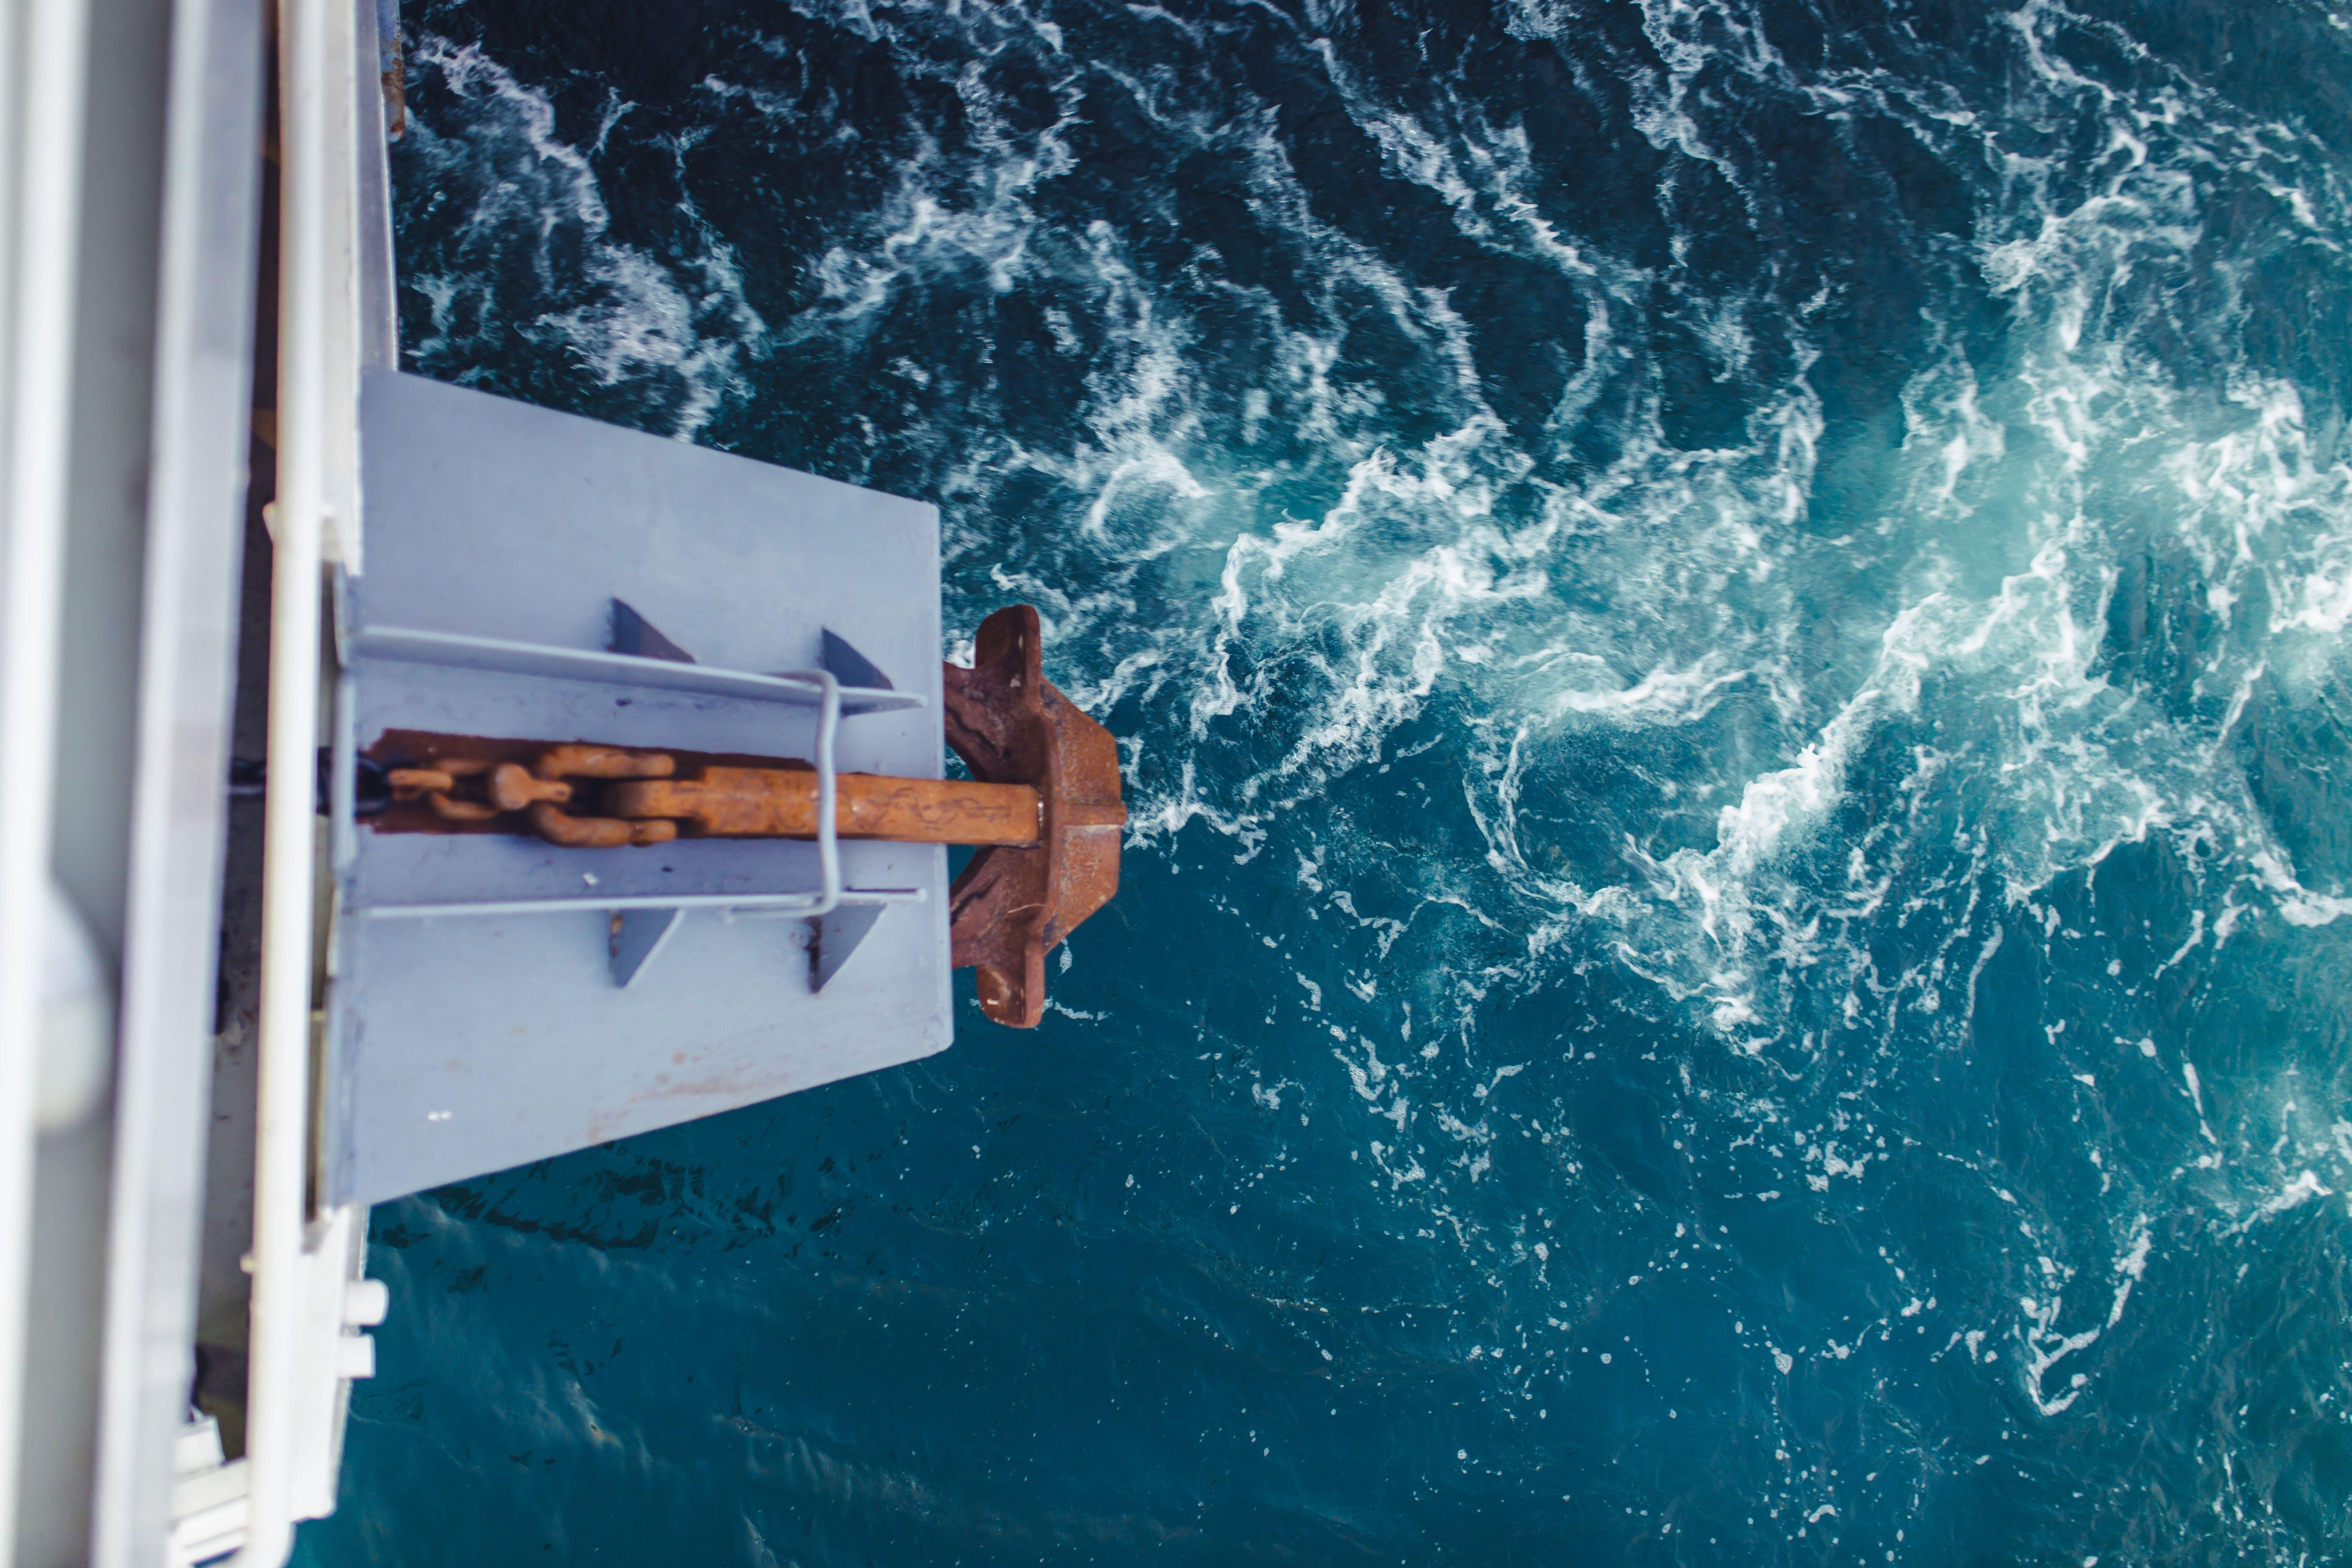 Kostnadsfri bild av ankare, dagsljus, fartyg, hav